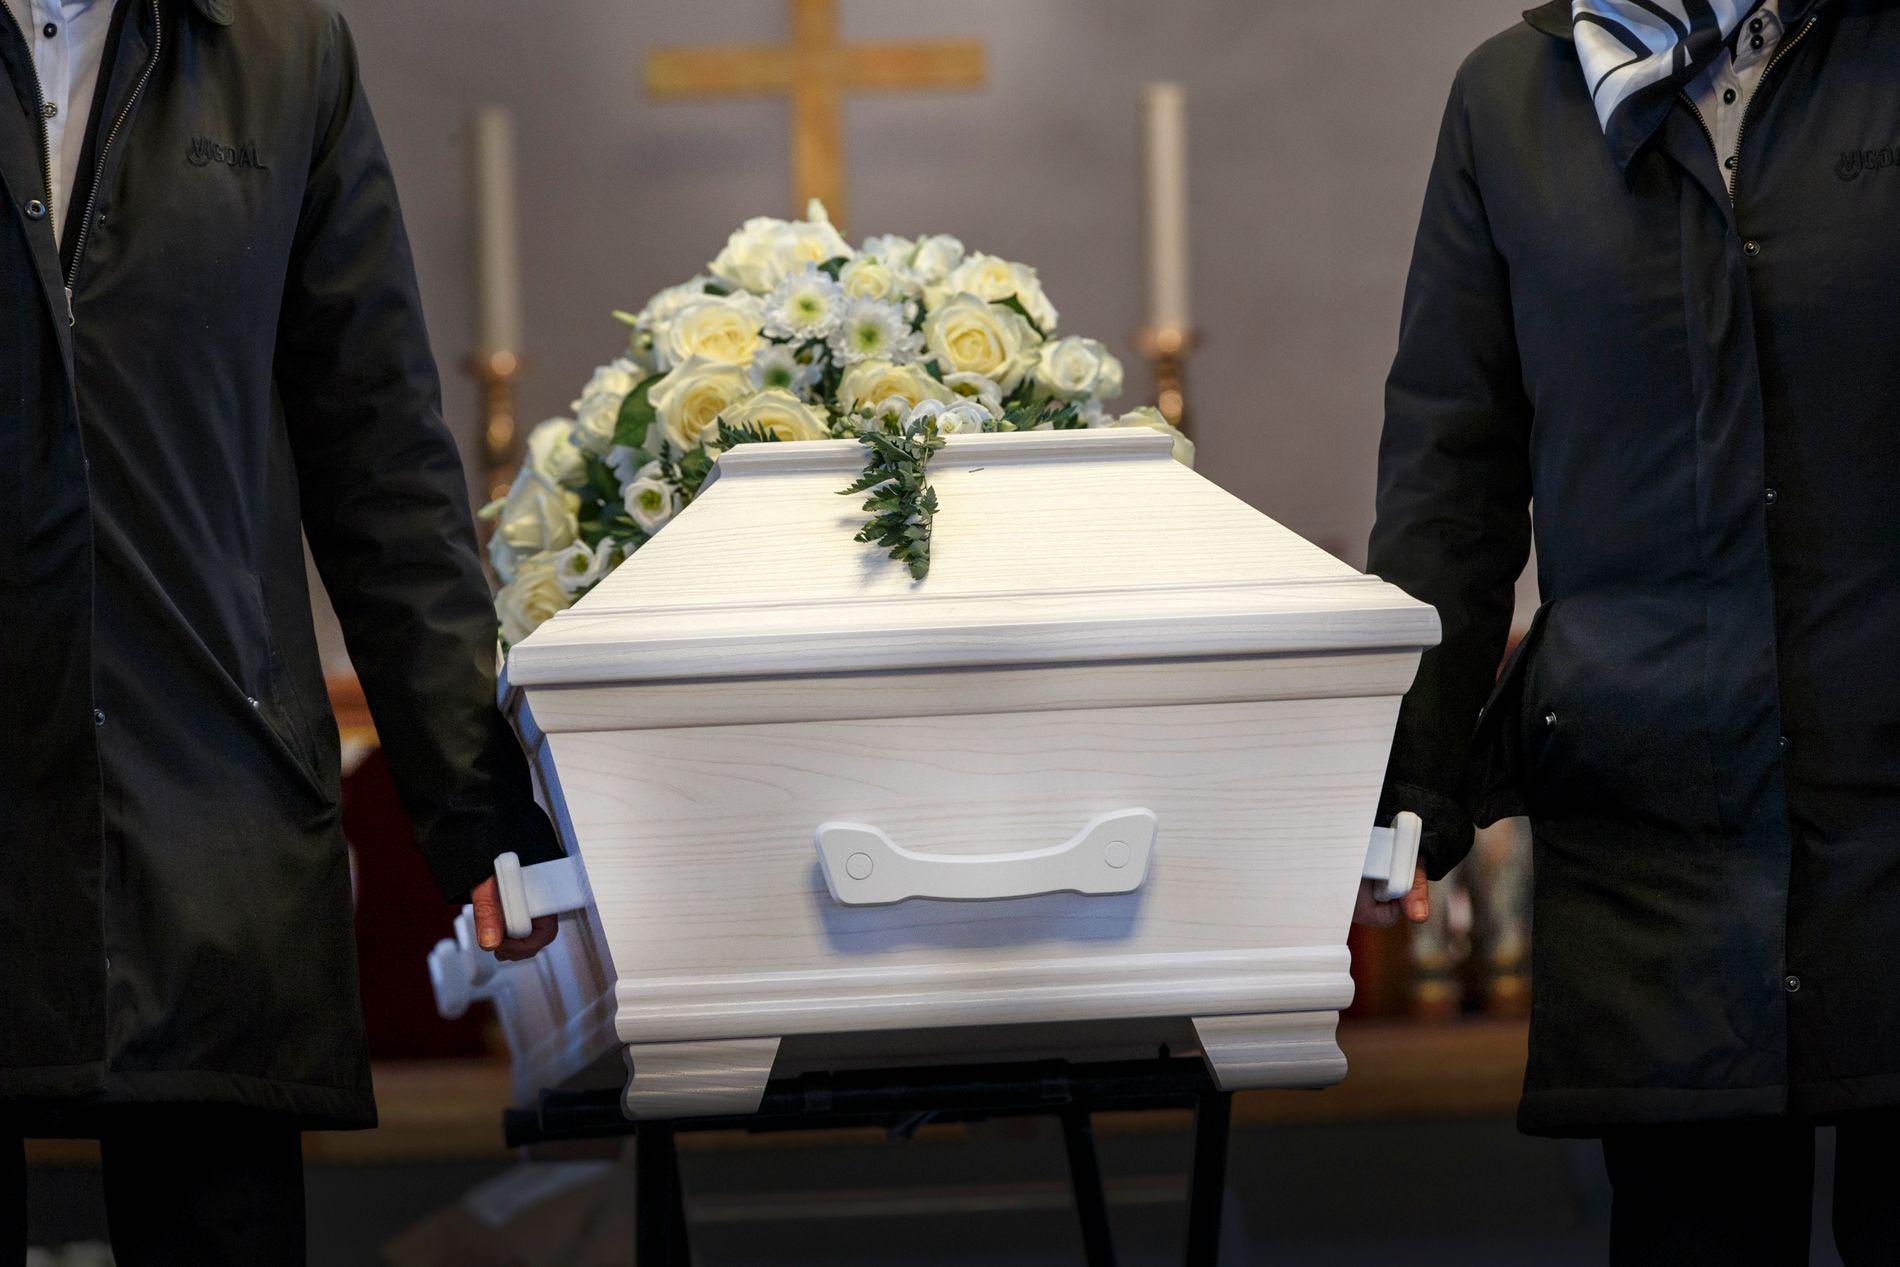 IKKE RIKTIG: Bare rundt halvparten av den norske befolkning ønsker å bli gravlagt gjennom Den norske kirke. – For meg tyder dette på at det for mange nok ikke vil være det riktige at en prest kommer med dødsbudskapet, skriver Christian Lomsdalen.